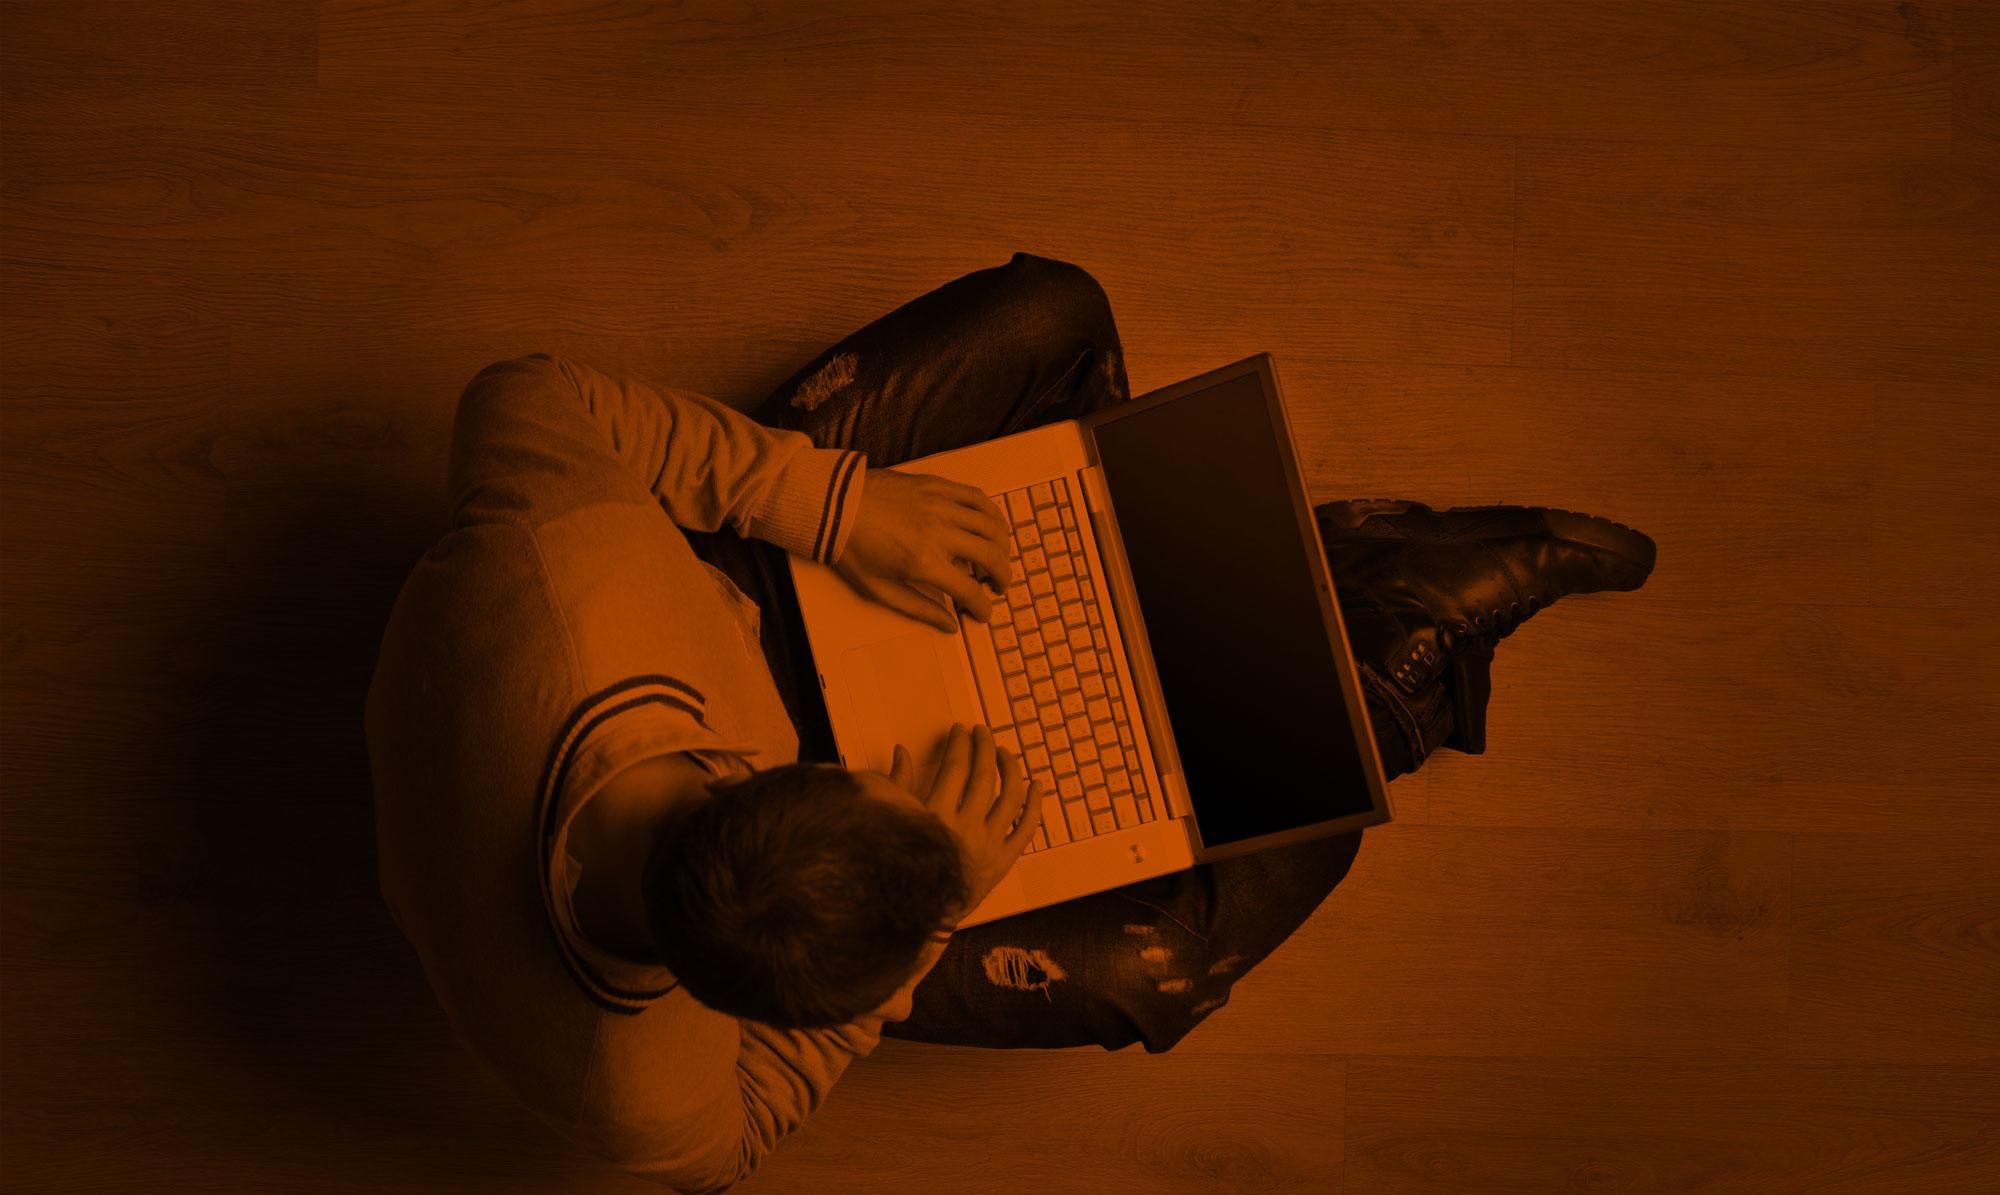 Agencia Digital de Marketing, Estrategia y Contenido - Desarrollo y Programacion